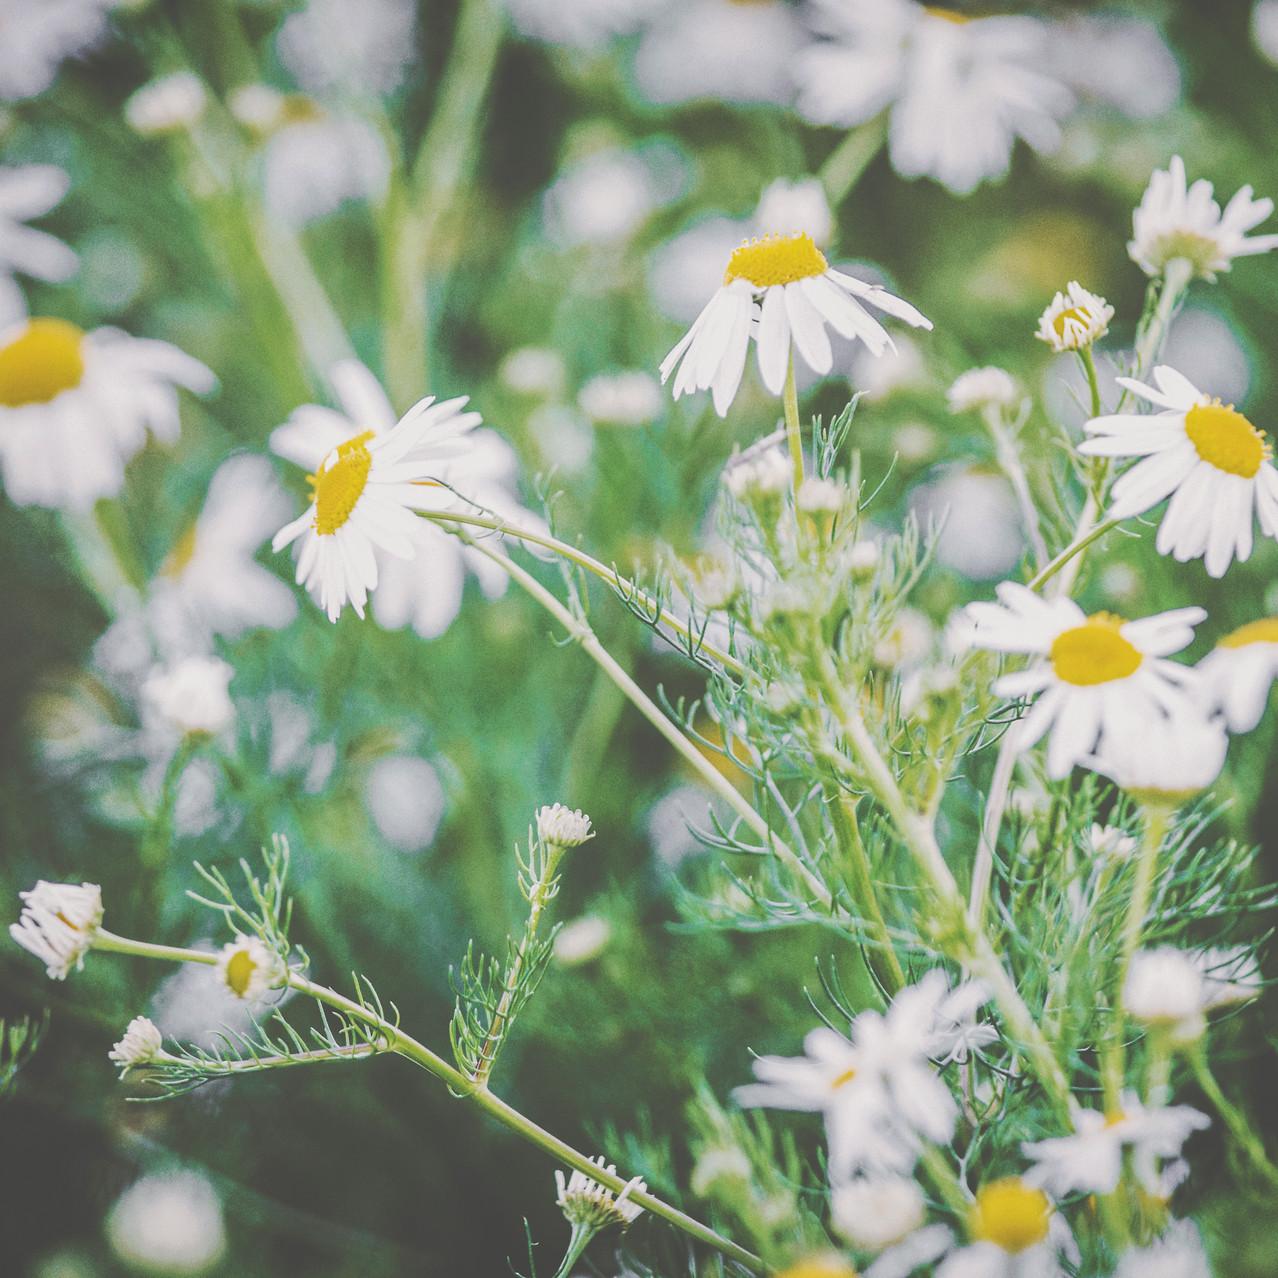 Daisy flowers in Kaliningrad Oblast